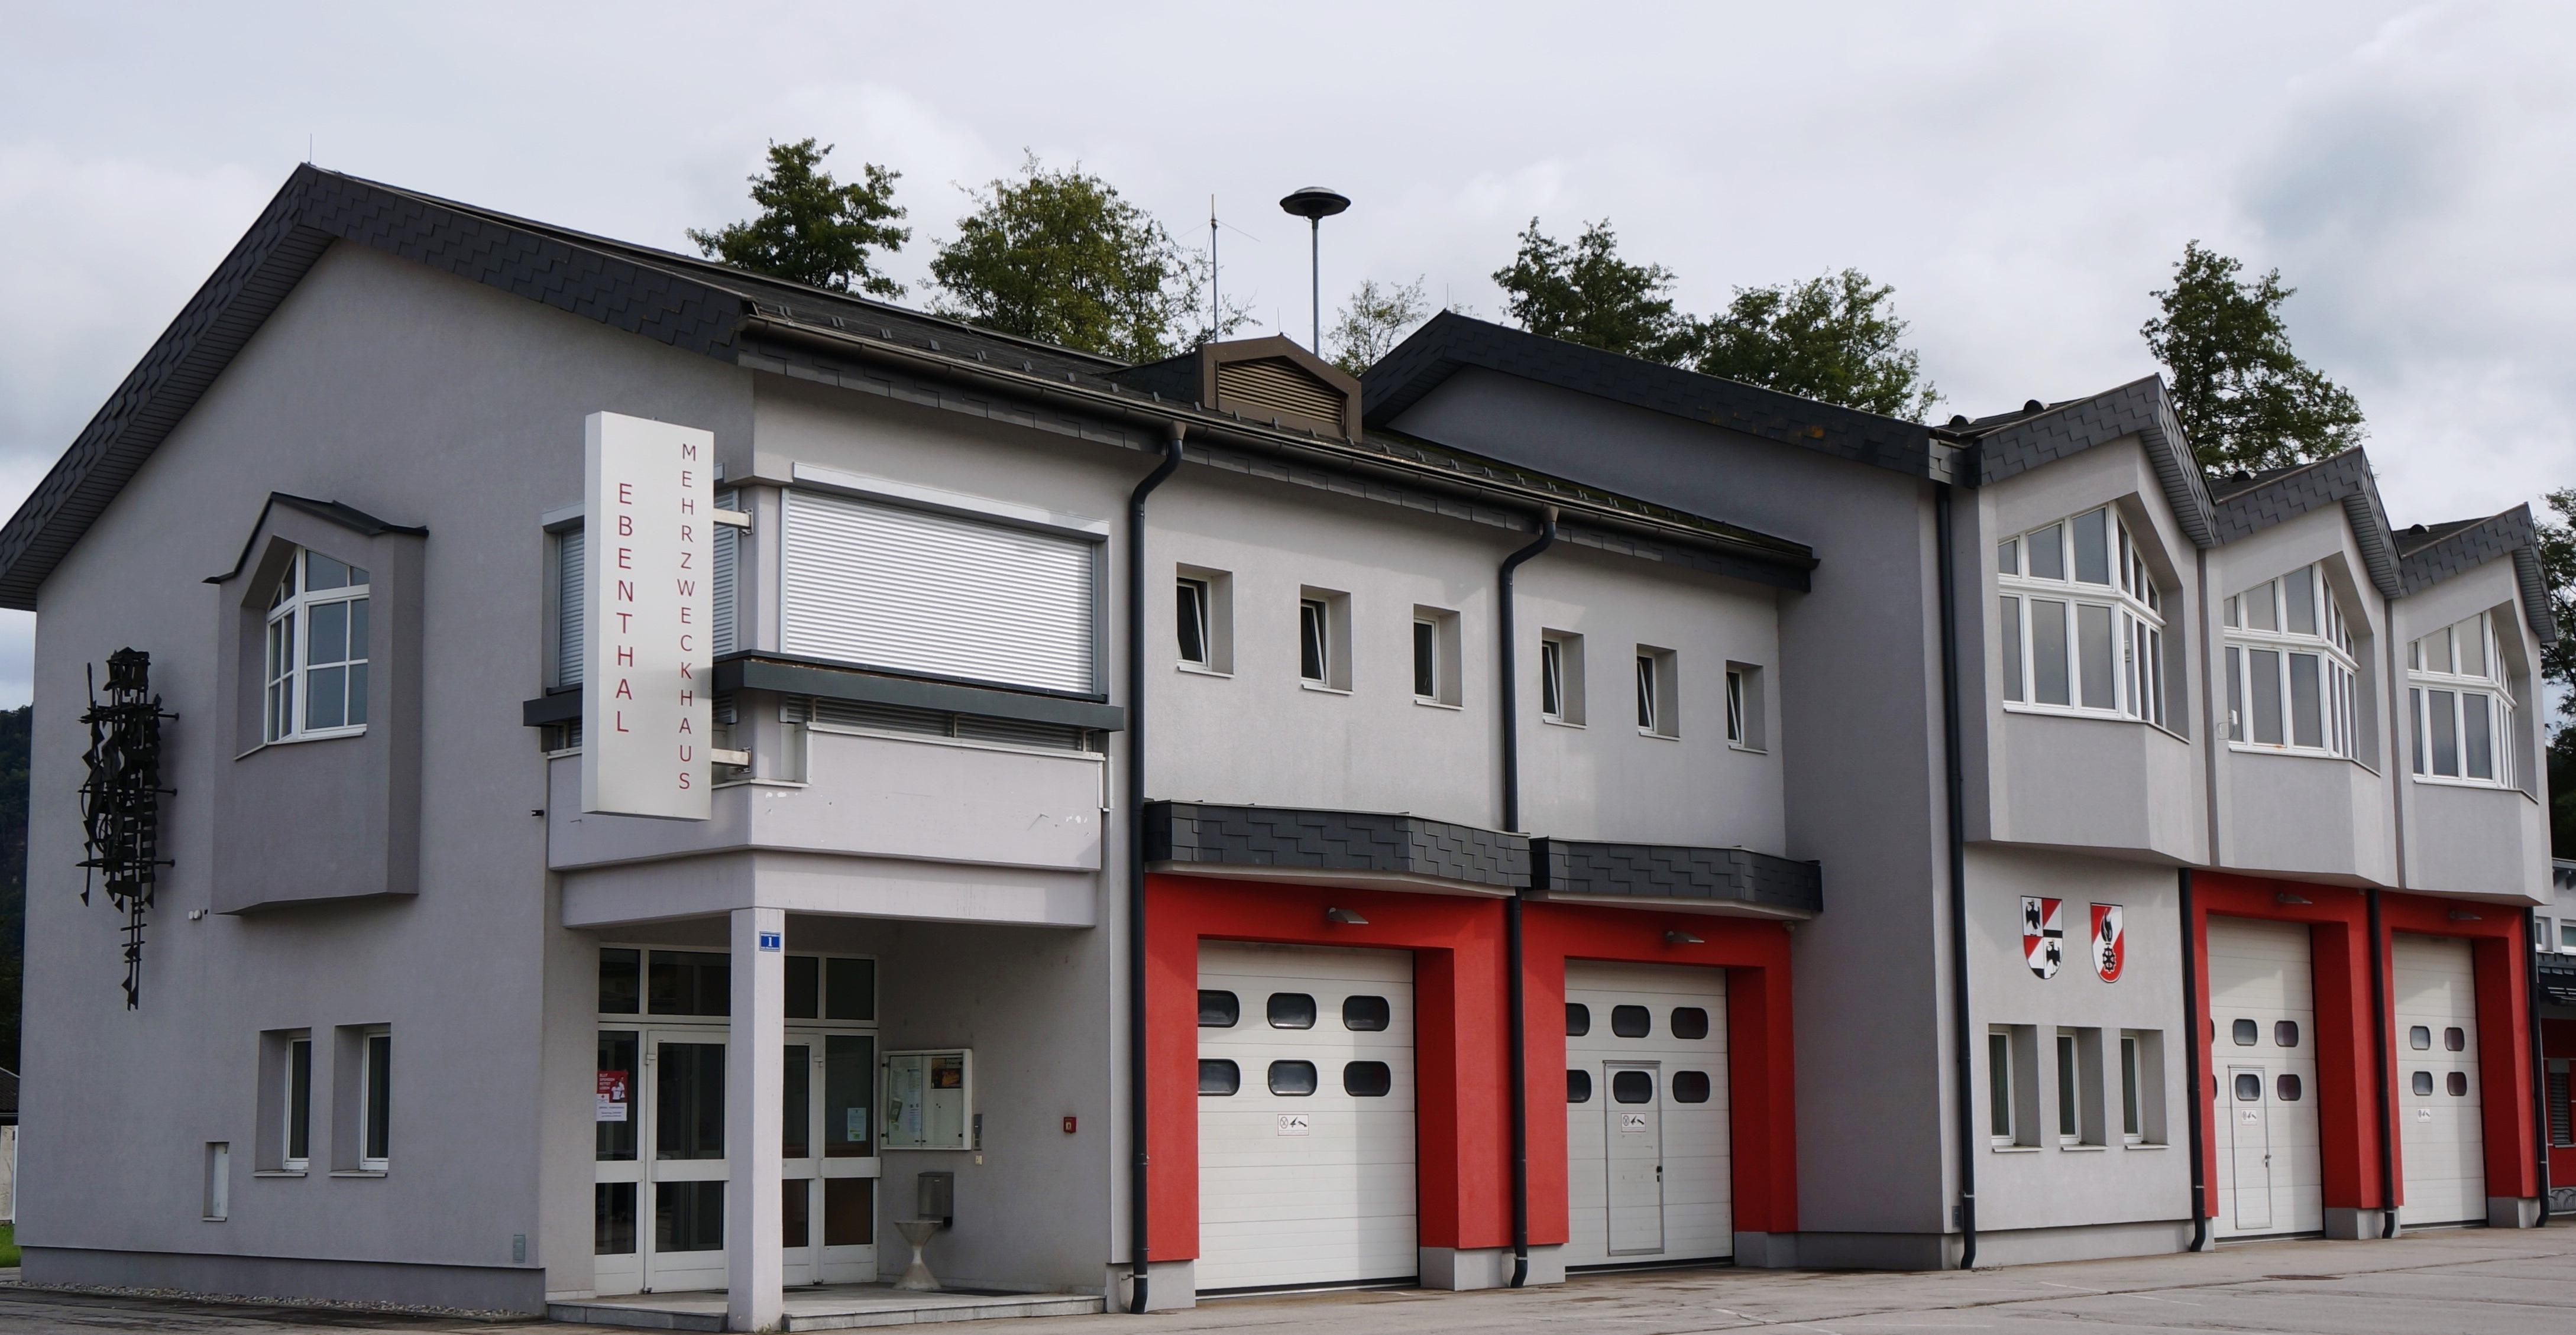 Bildergebnis für ebenthal gemeinde mehrzweckhaus